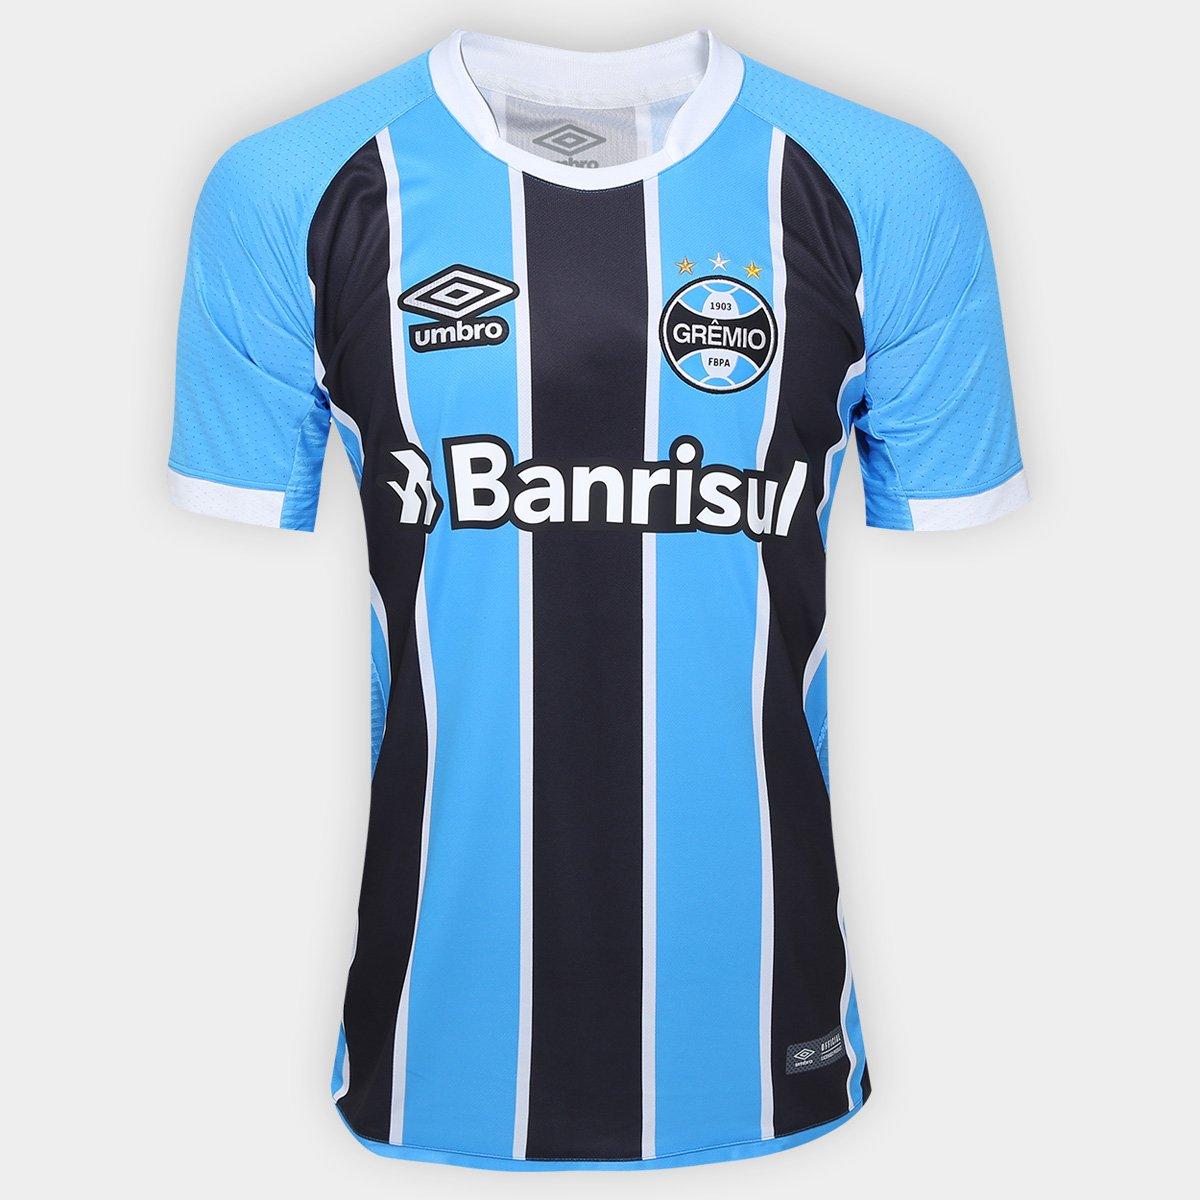 2bd831c4805de Camisa Grêmio I 17 18 s nº - Torcedor Umbro Masculina - Compre Agora ...